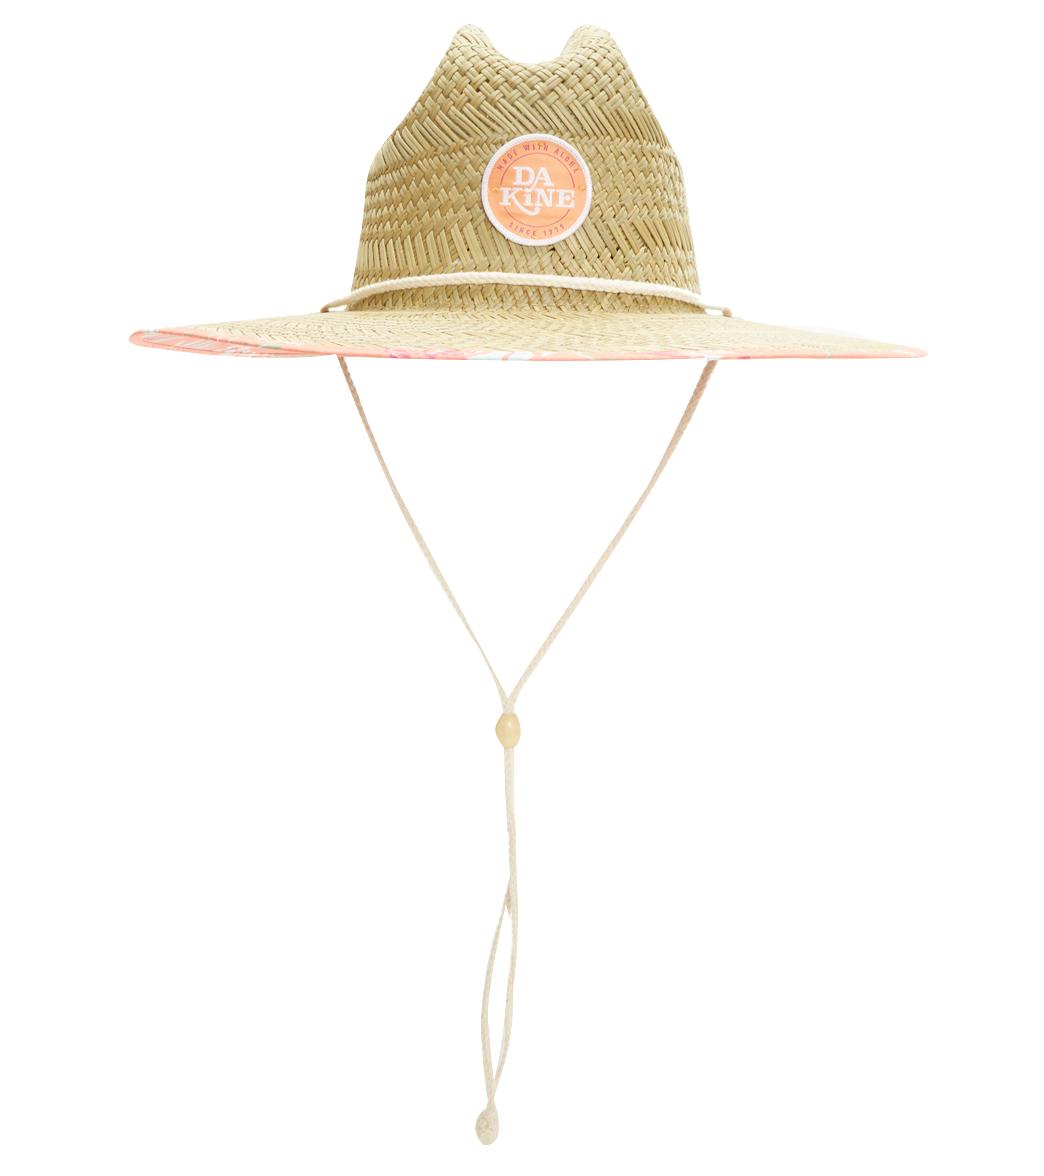 e0cd387e8 Dakine Women's Pindo Straw Hat at SwimOutlet.com